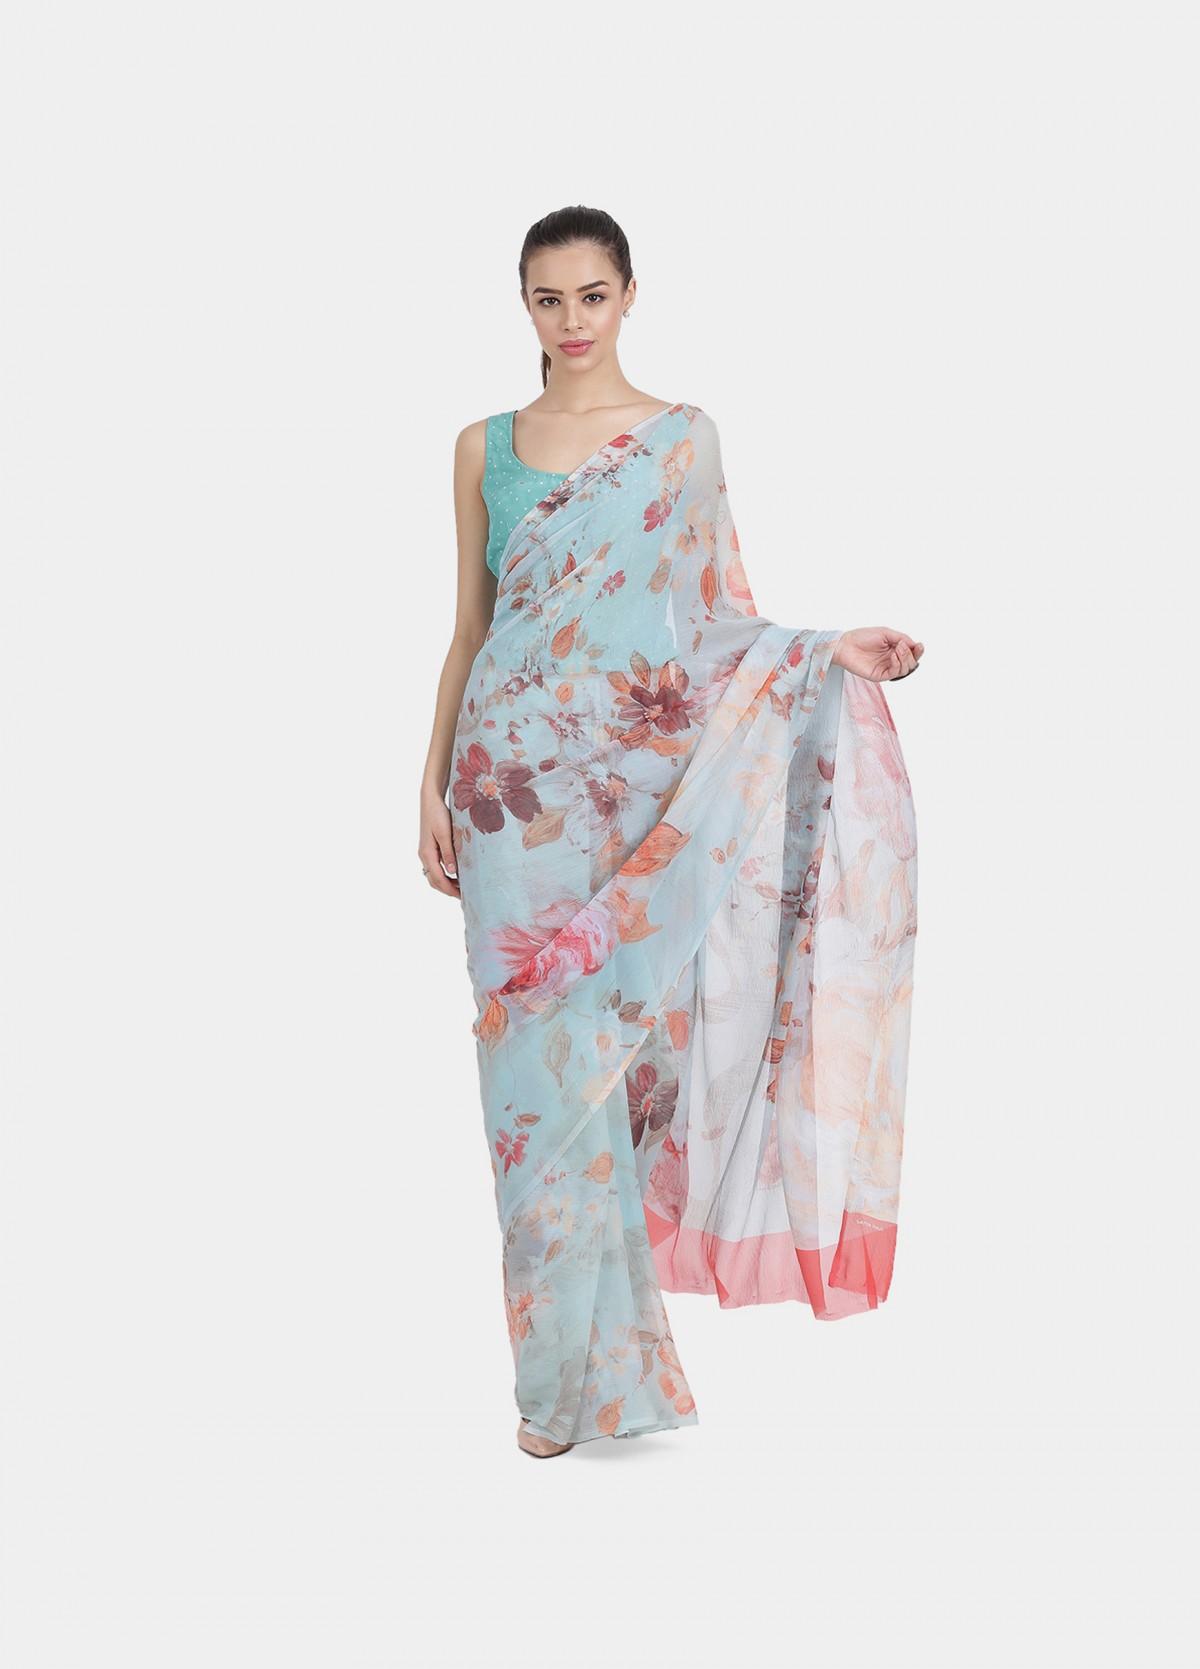 The Mahika Sari